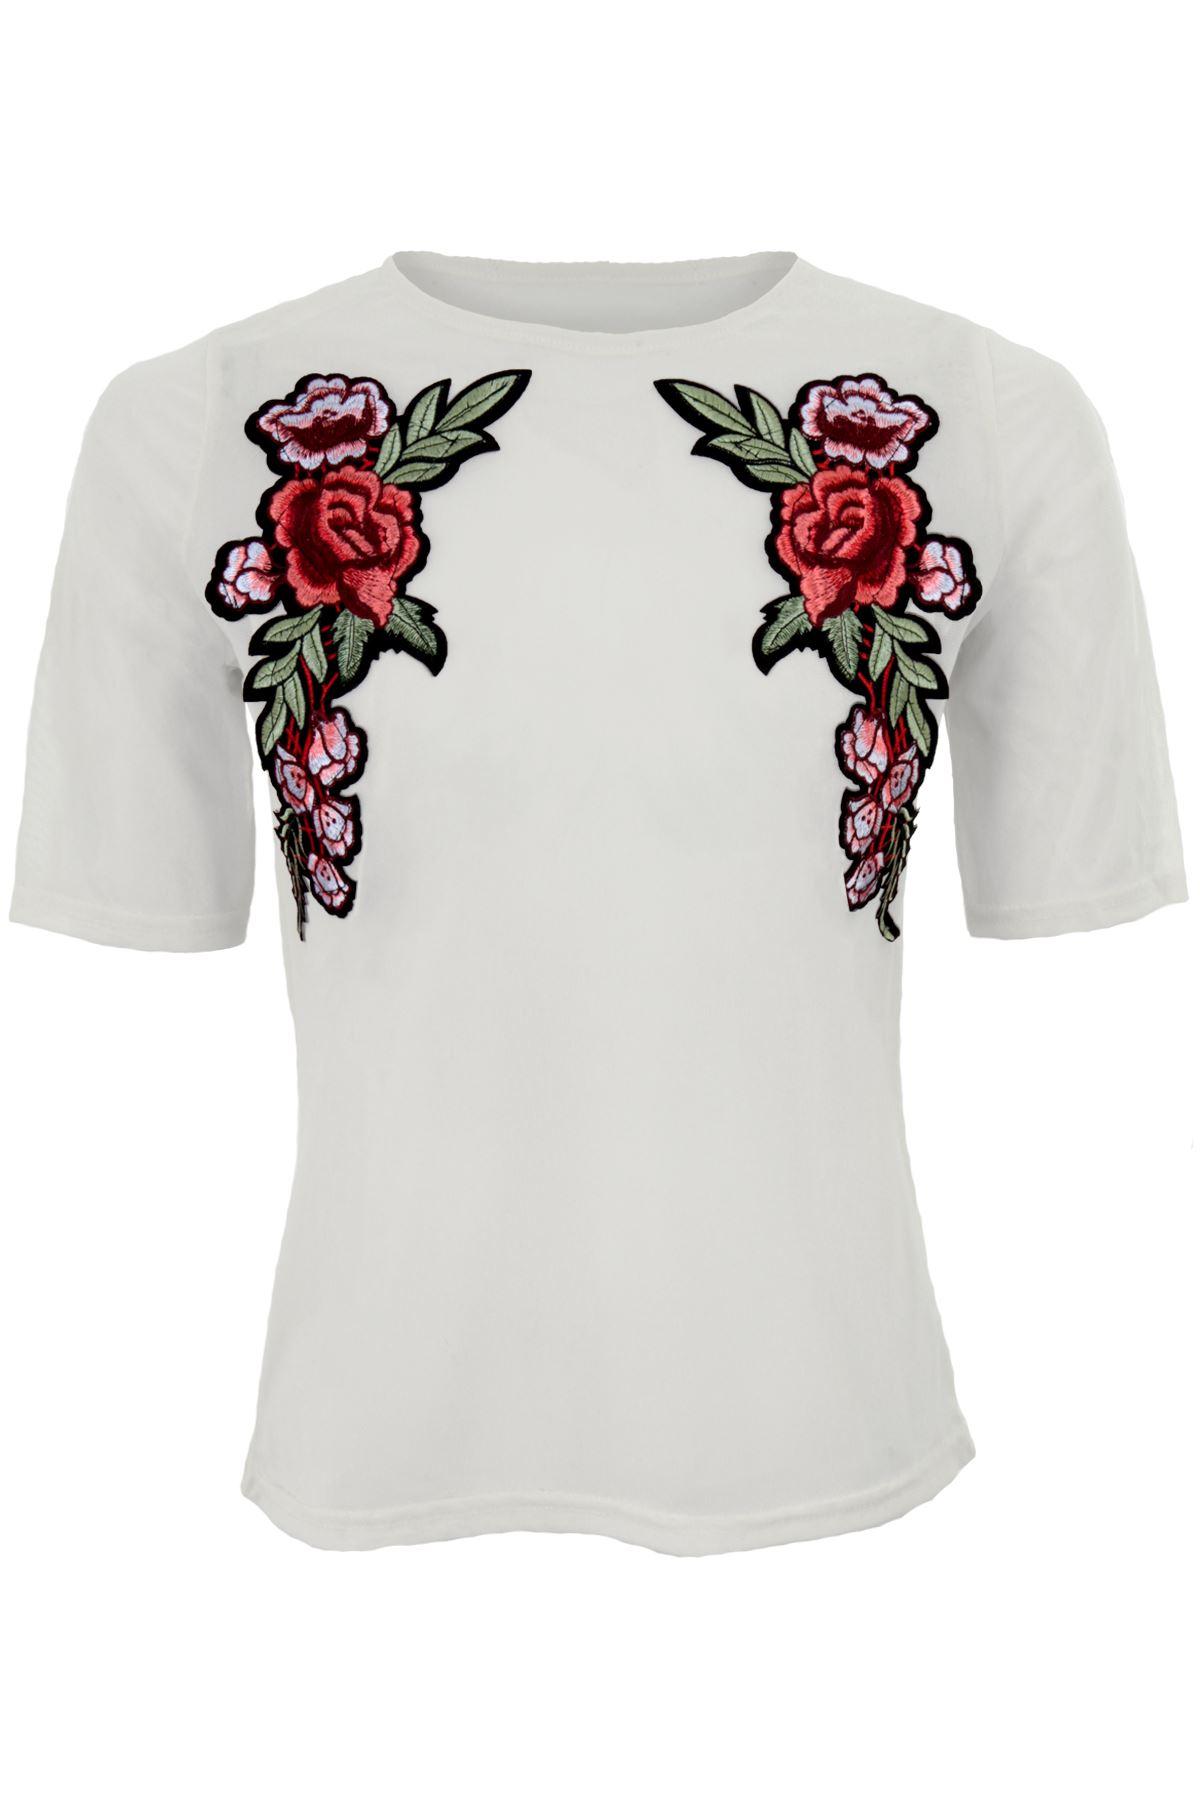 T shirt printing at white rose - Ladies Short Sleeve See Through Mesh Floral Rose